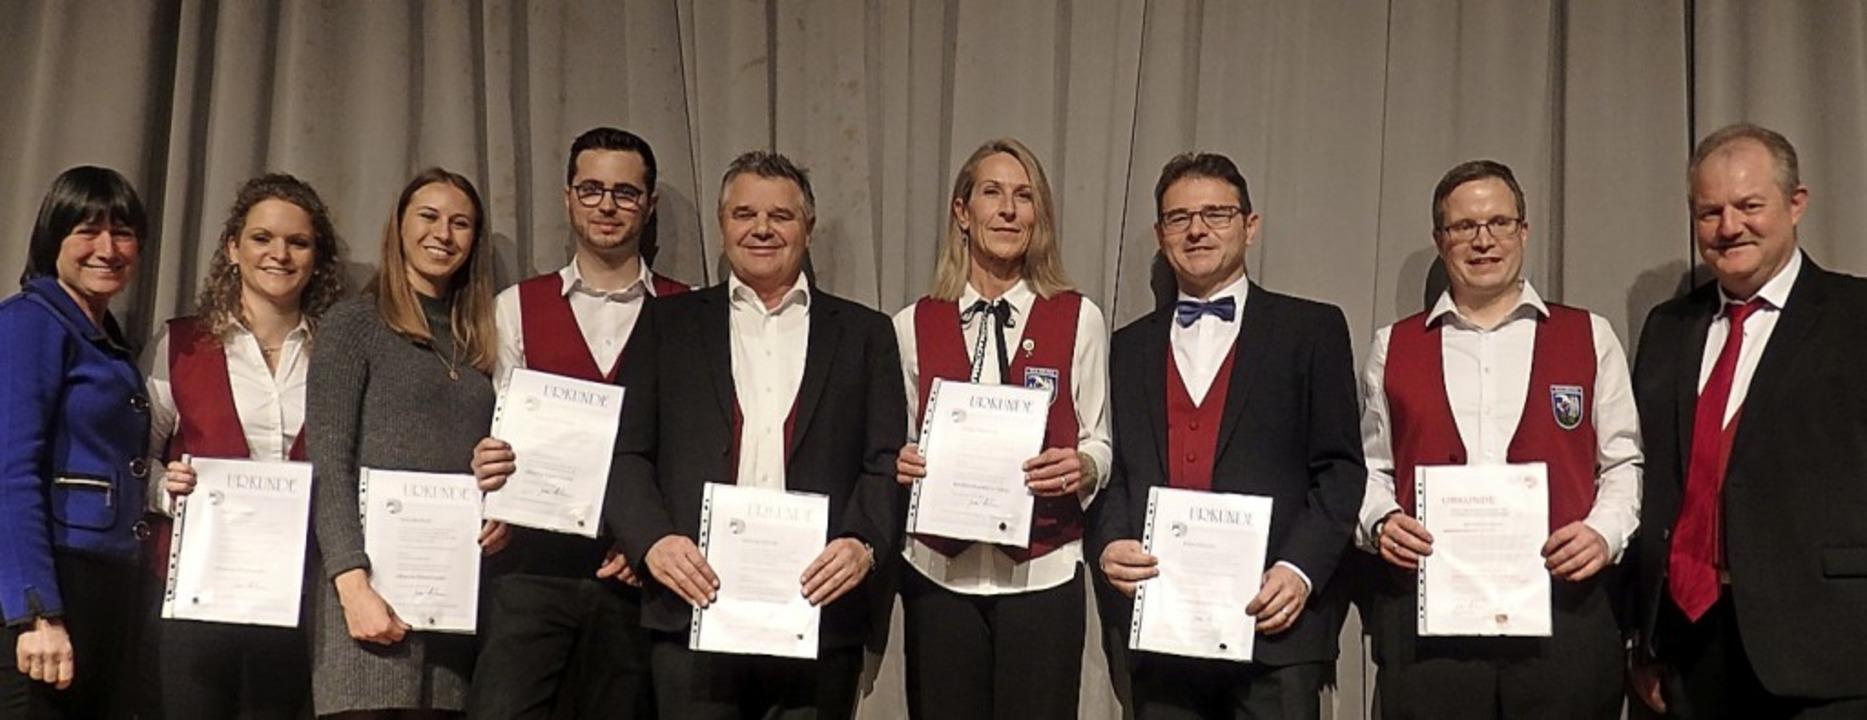 Langjährige Mitglieder sind eine Stütze des HC Sulzburg.   | Foto: Bianca Flier